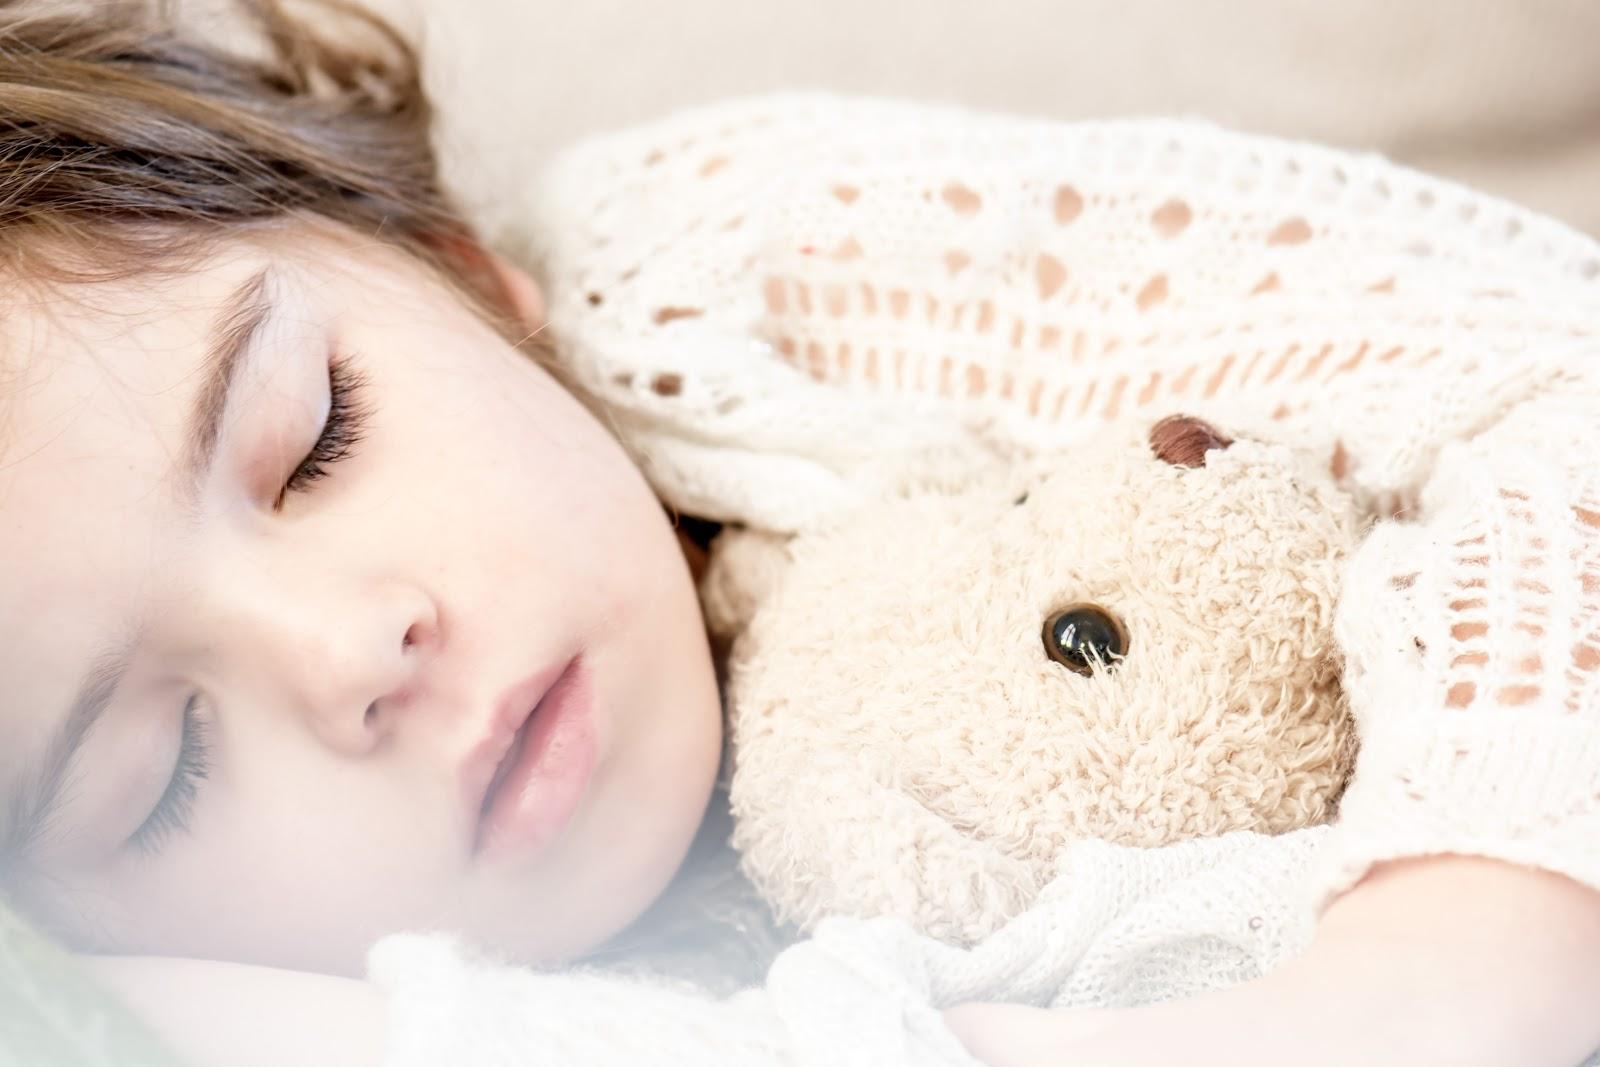 テディベアのぬいぐるみを抱きながら眠っている子供